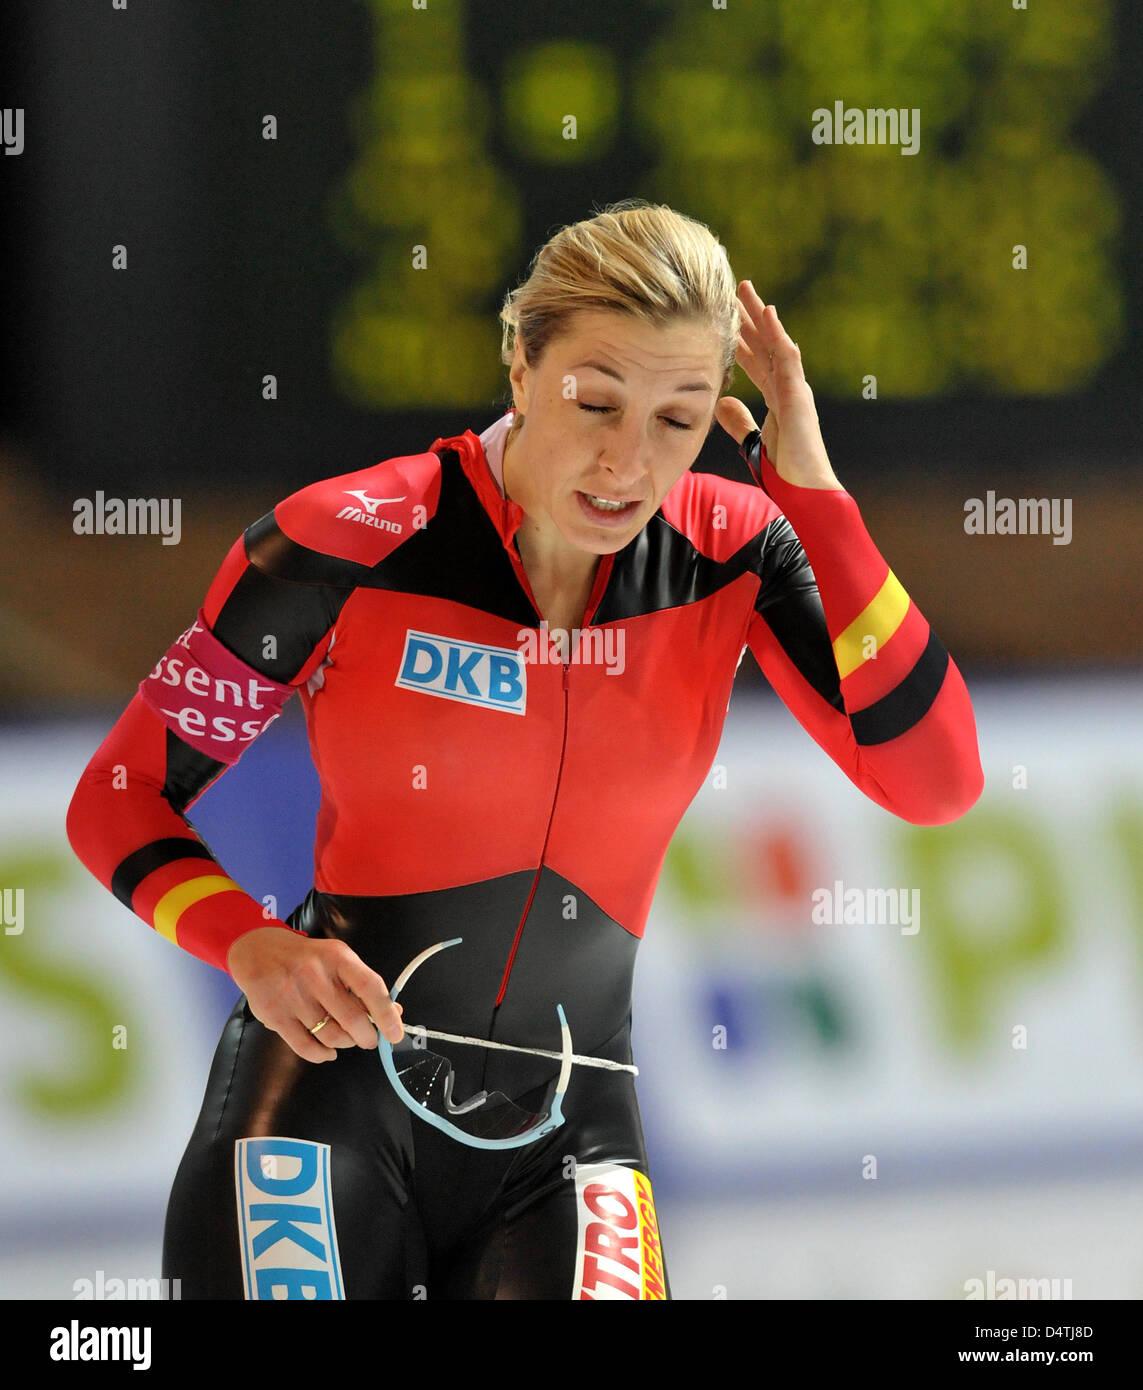 Eisschnellläuferin deutschland